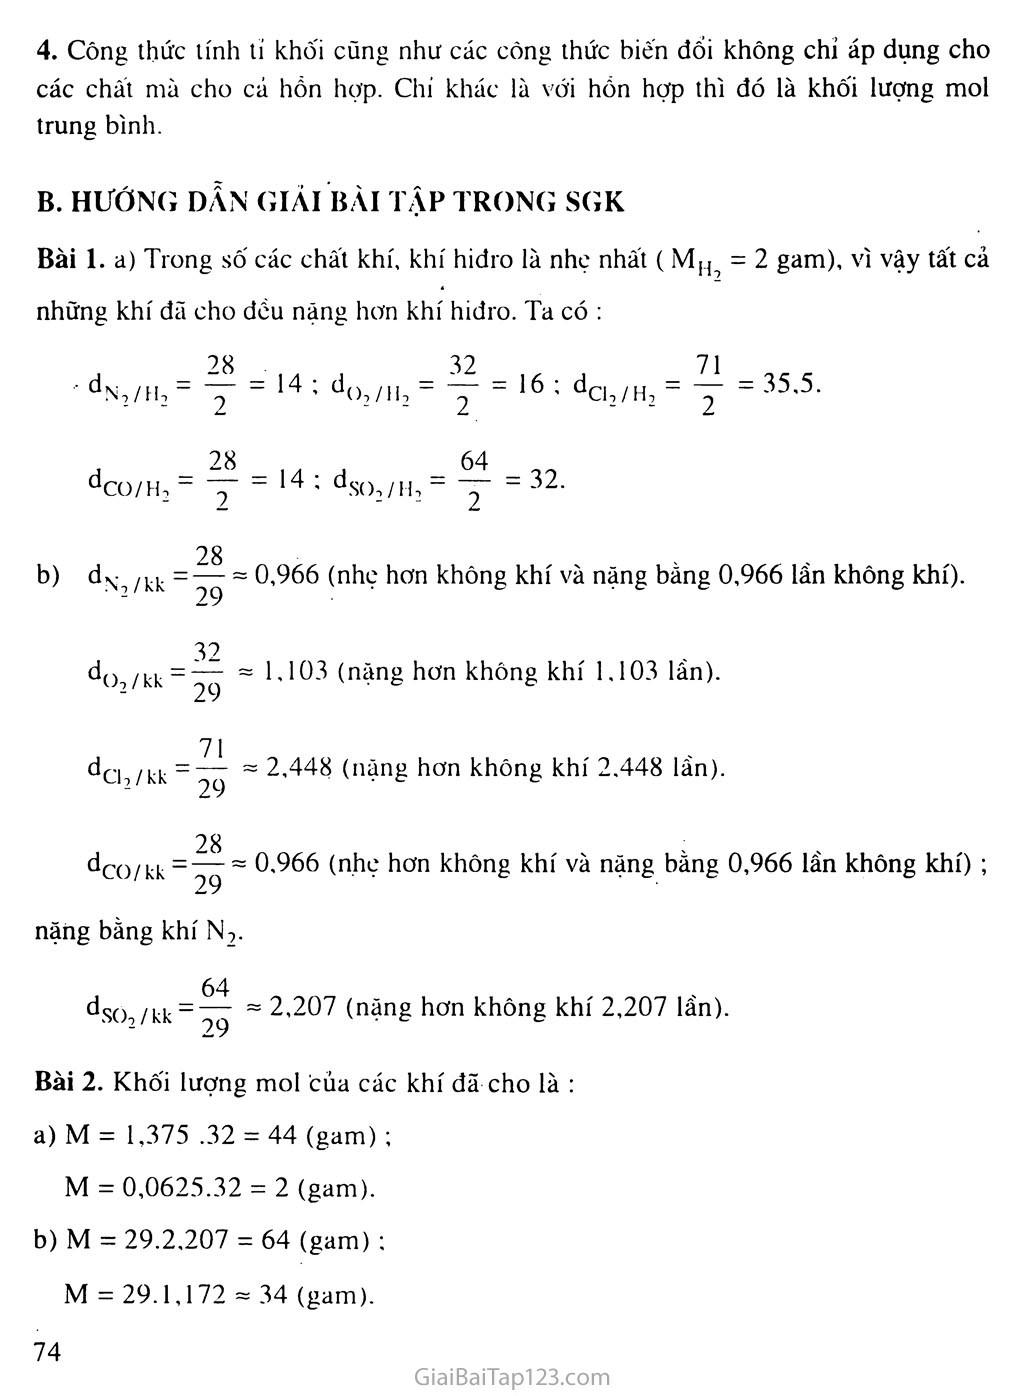 Bài 20: Tỉ khối của chất khí trang 2